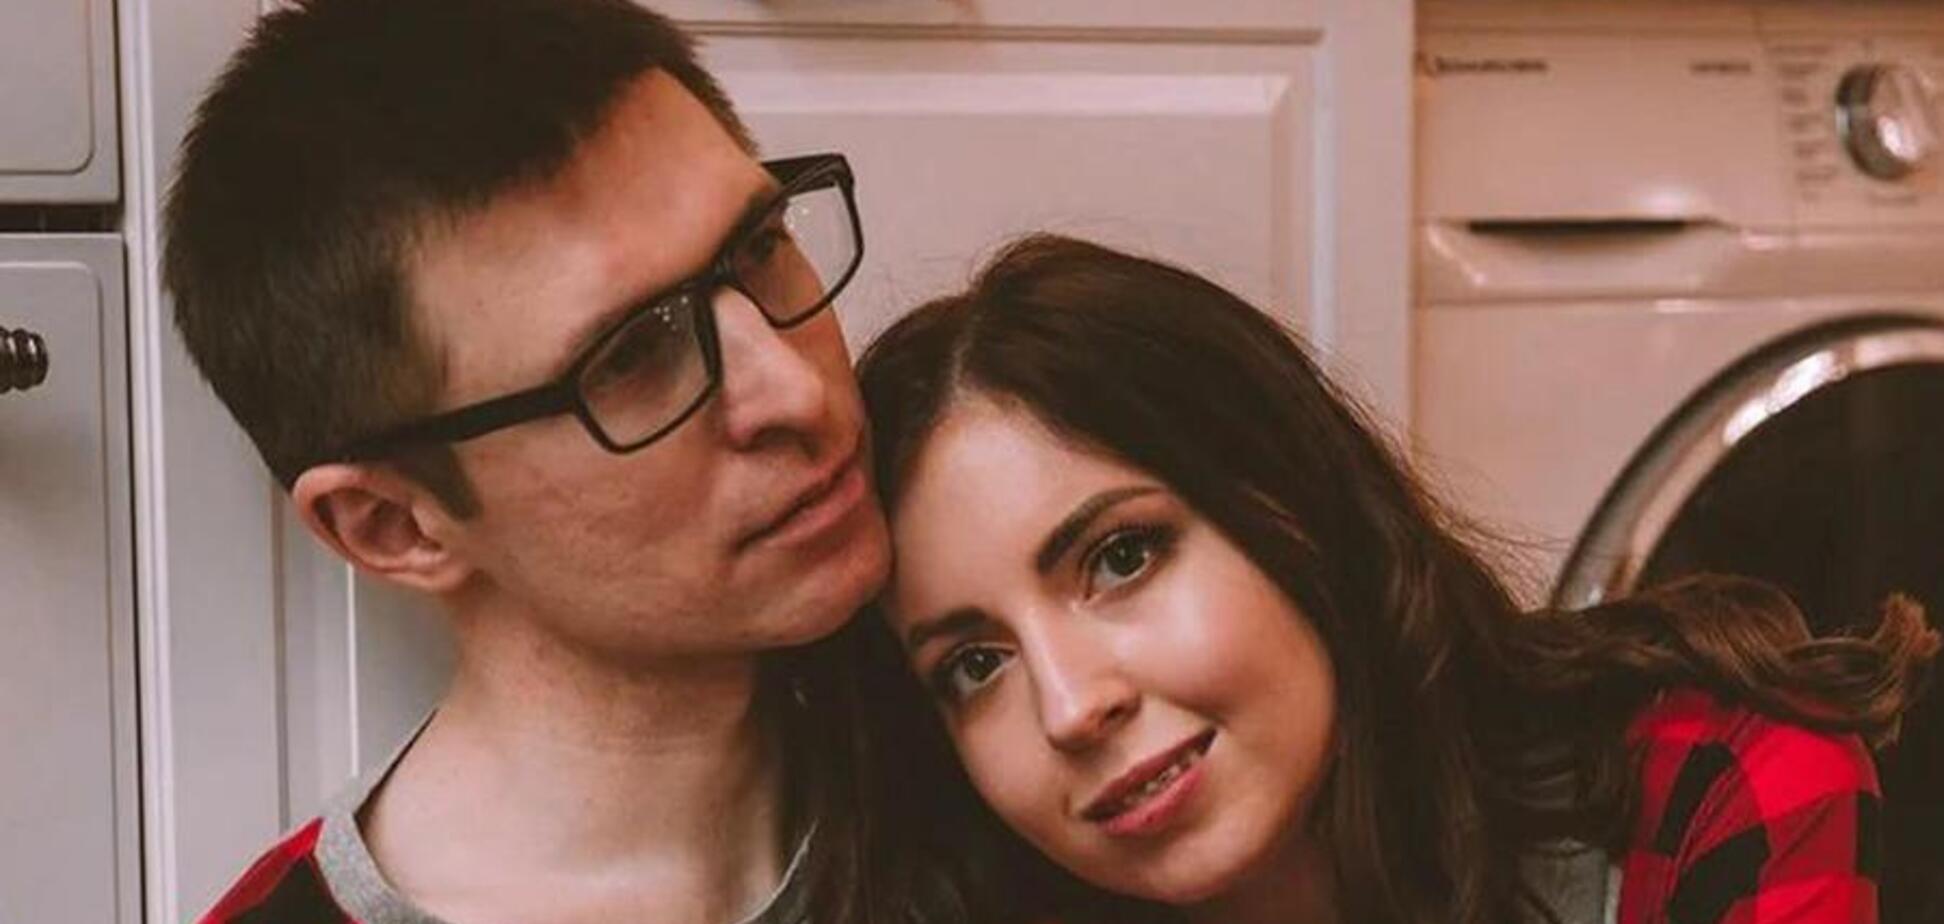 Погибших на банной вечеринке похоронили в России: блогерша нашла мистический след